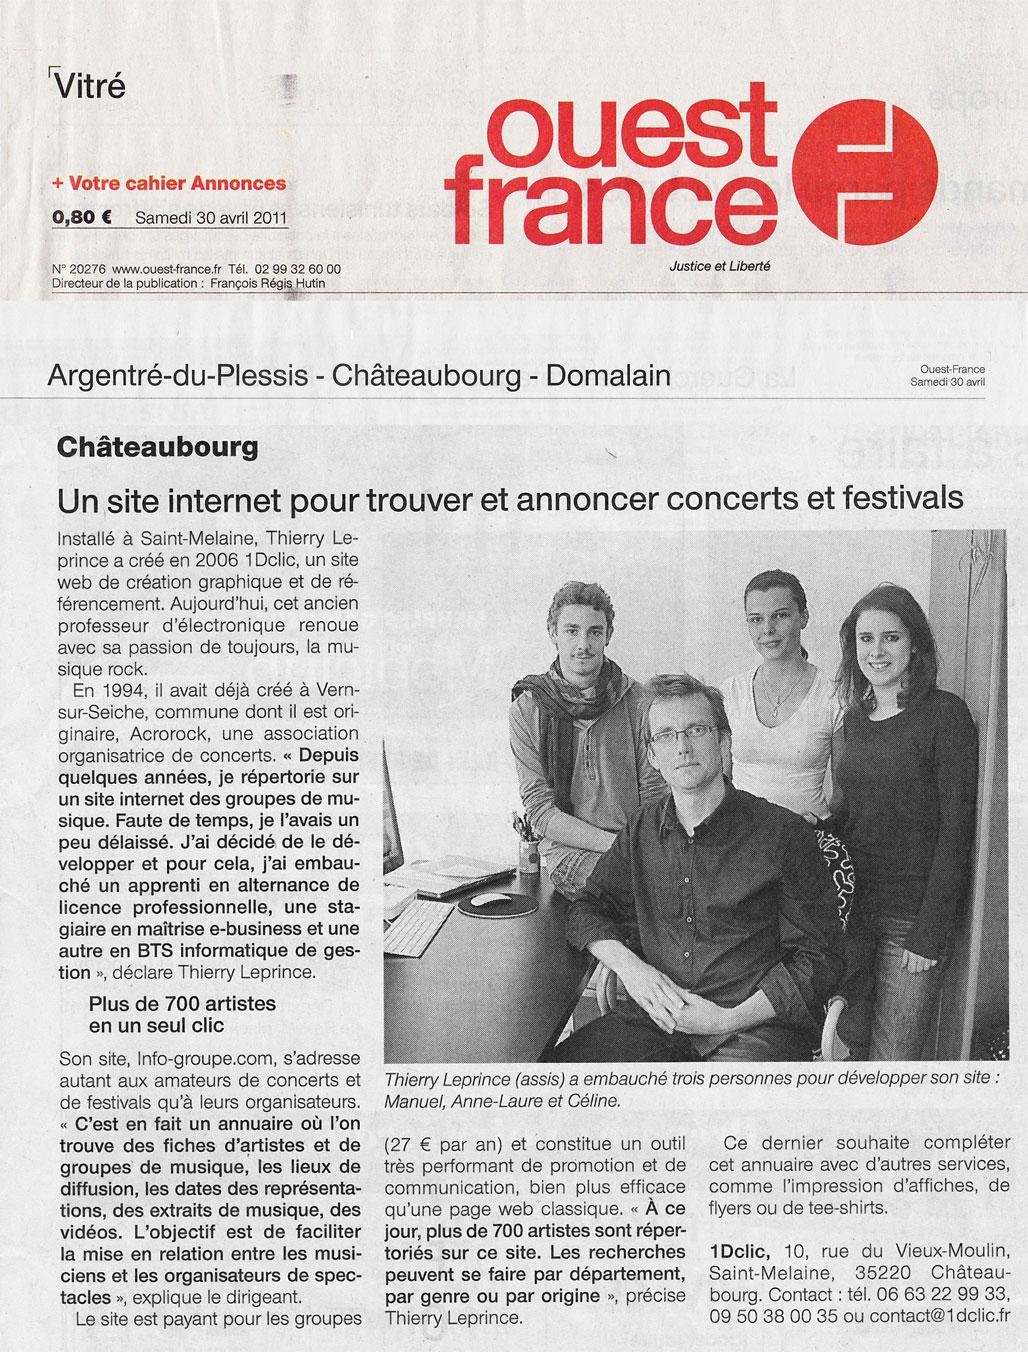 Info groupe dans ouest france info groupe - Ouest france le journal gratuit ...